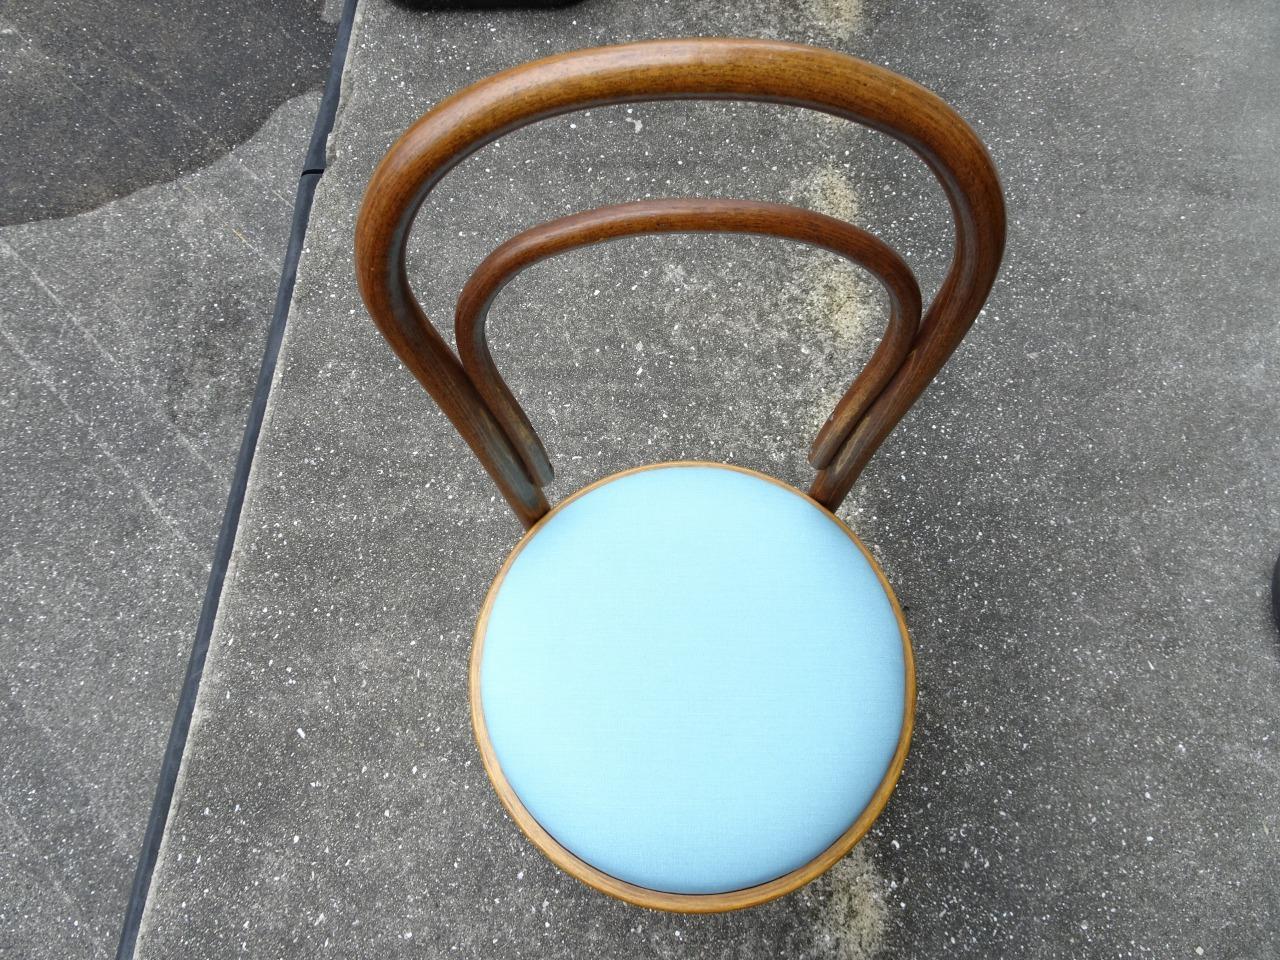 鏡台の椅子の座面の張り替えをさせていただきました。